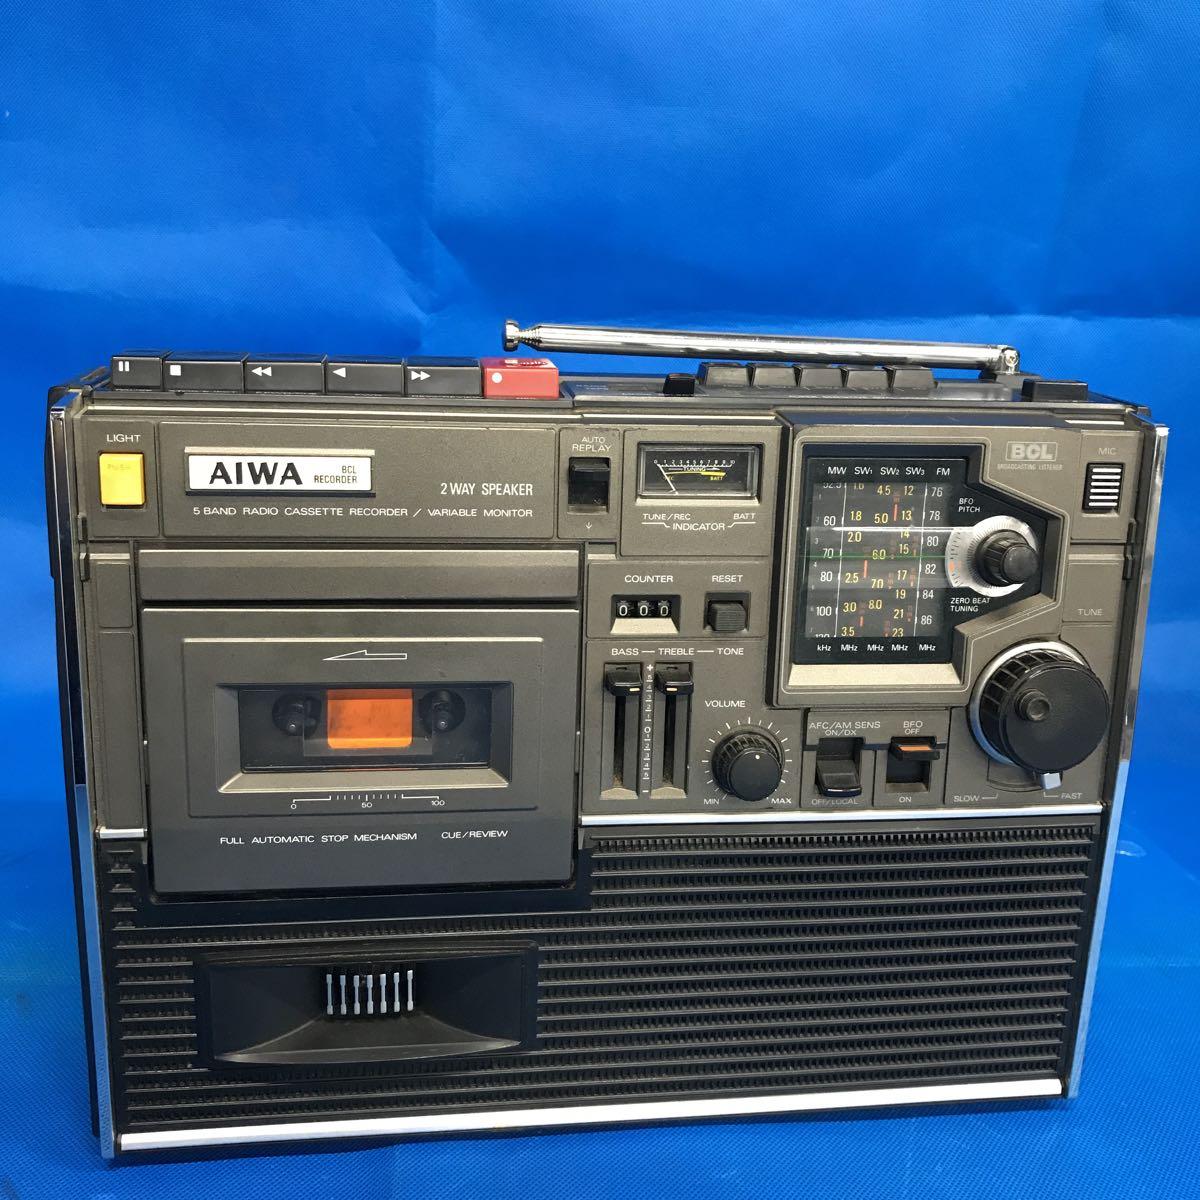 AIWA/アイワ 5バンド ラジオカセットレコーダー BCLレコーダー TPR-255 電源コード付き 【ジャンク品/現状渡し/部品取り/修理前提】